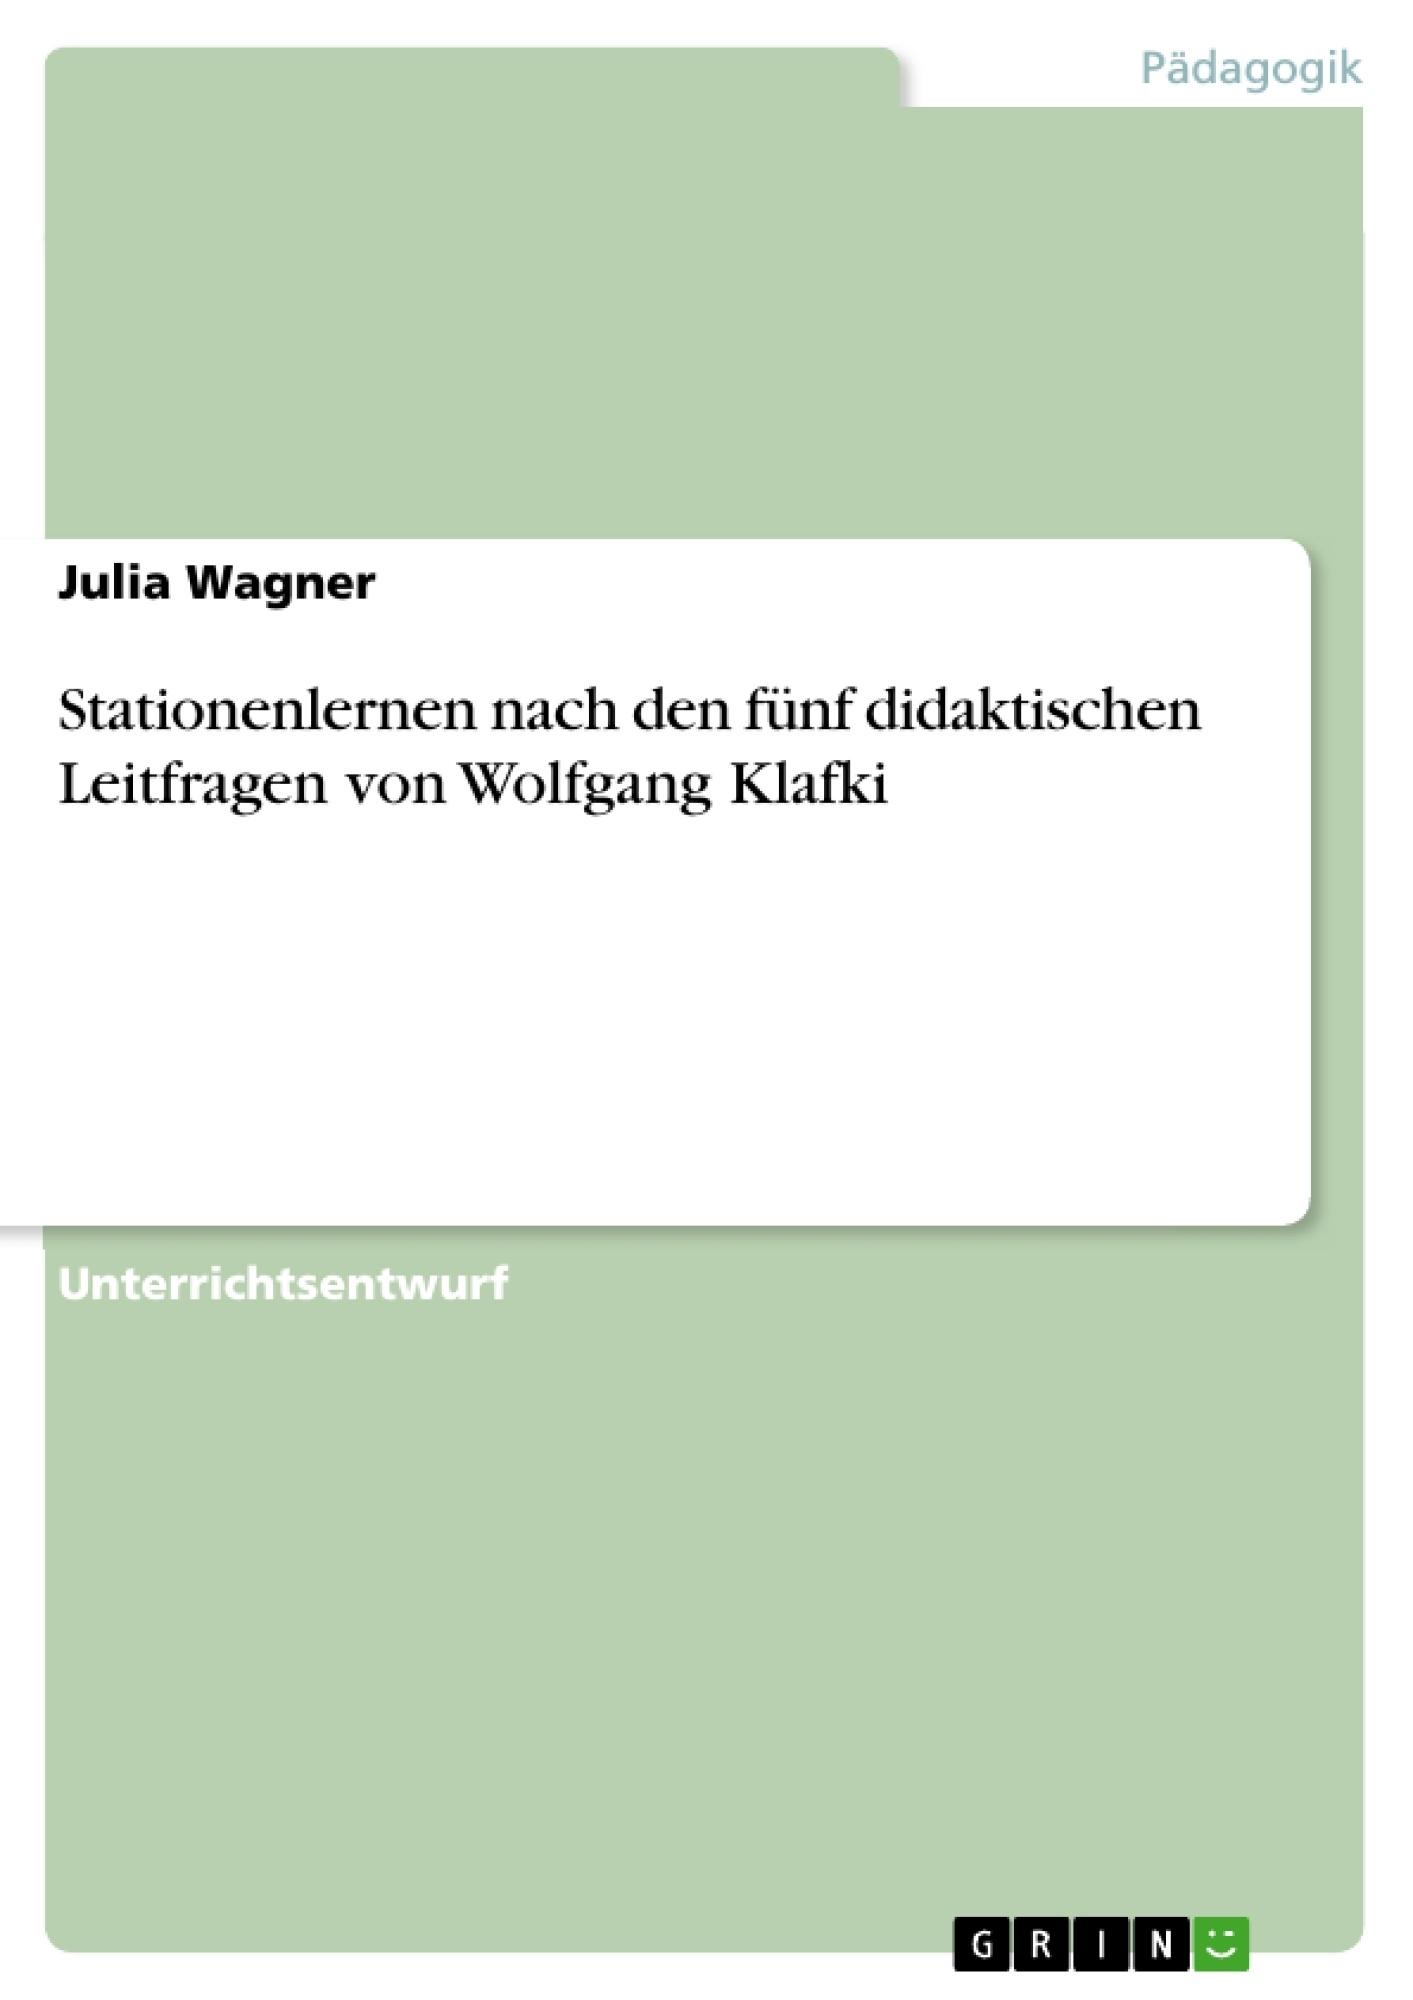 Titel: Stationenlernen nach den fünf didaktischen Leitfragen von Wolfgang Klafki